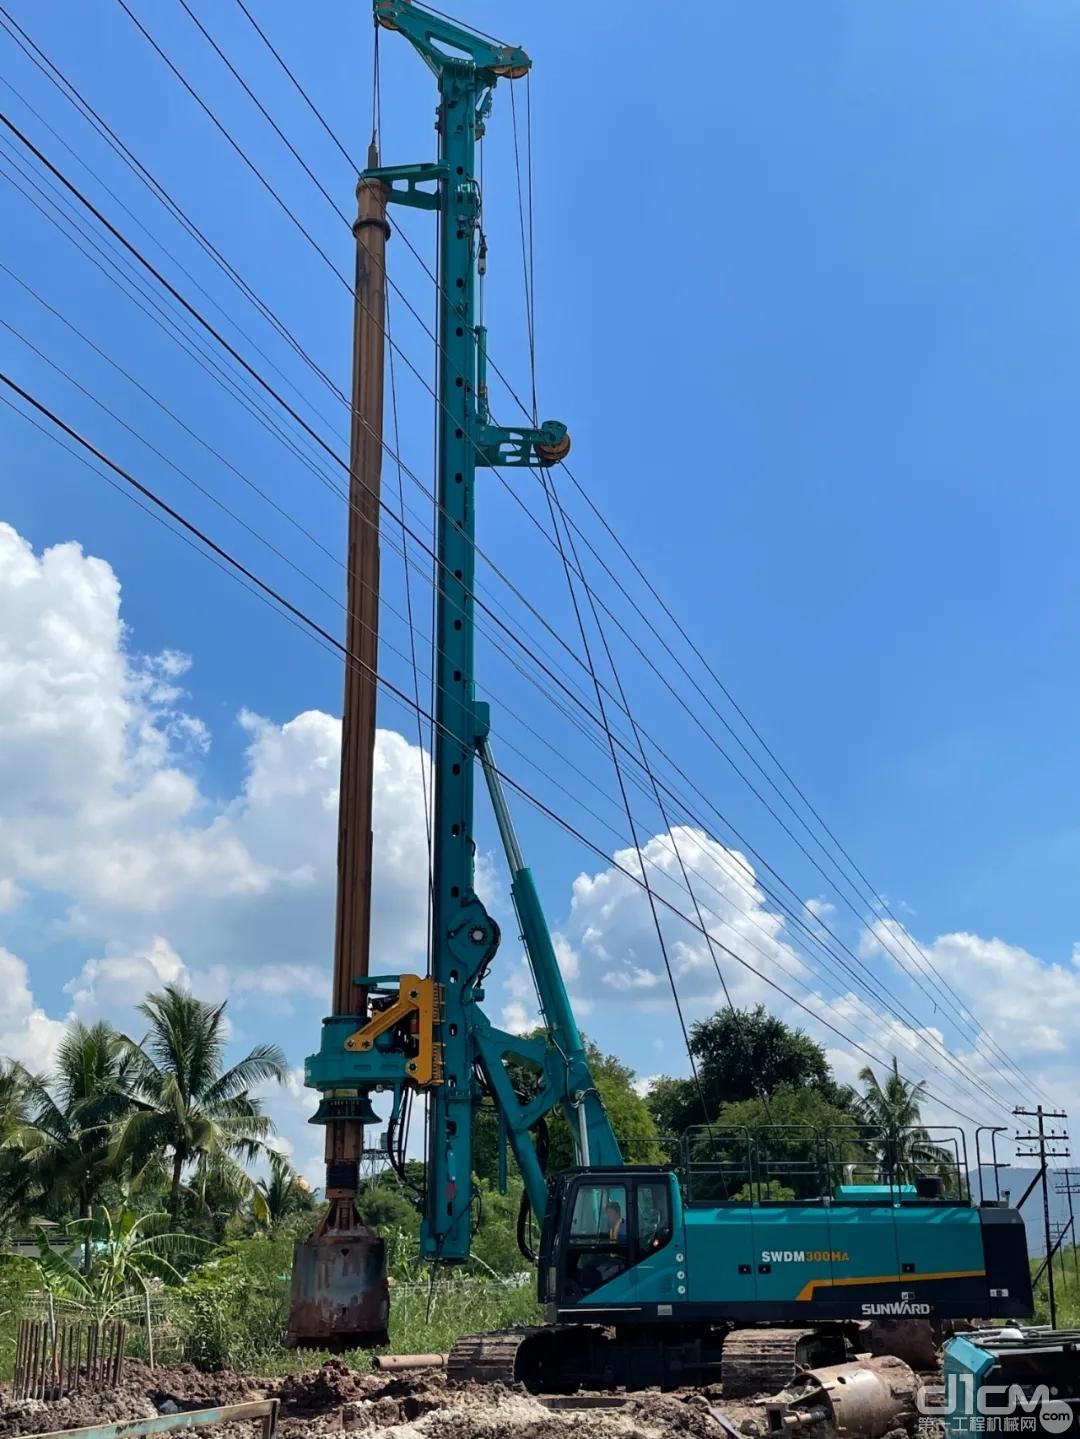 山河智能子公司山沃国际承建的中泰高铁项目,已经顺利完成首批试验桩建设